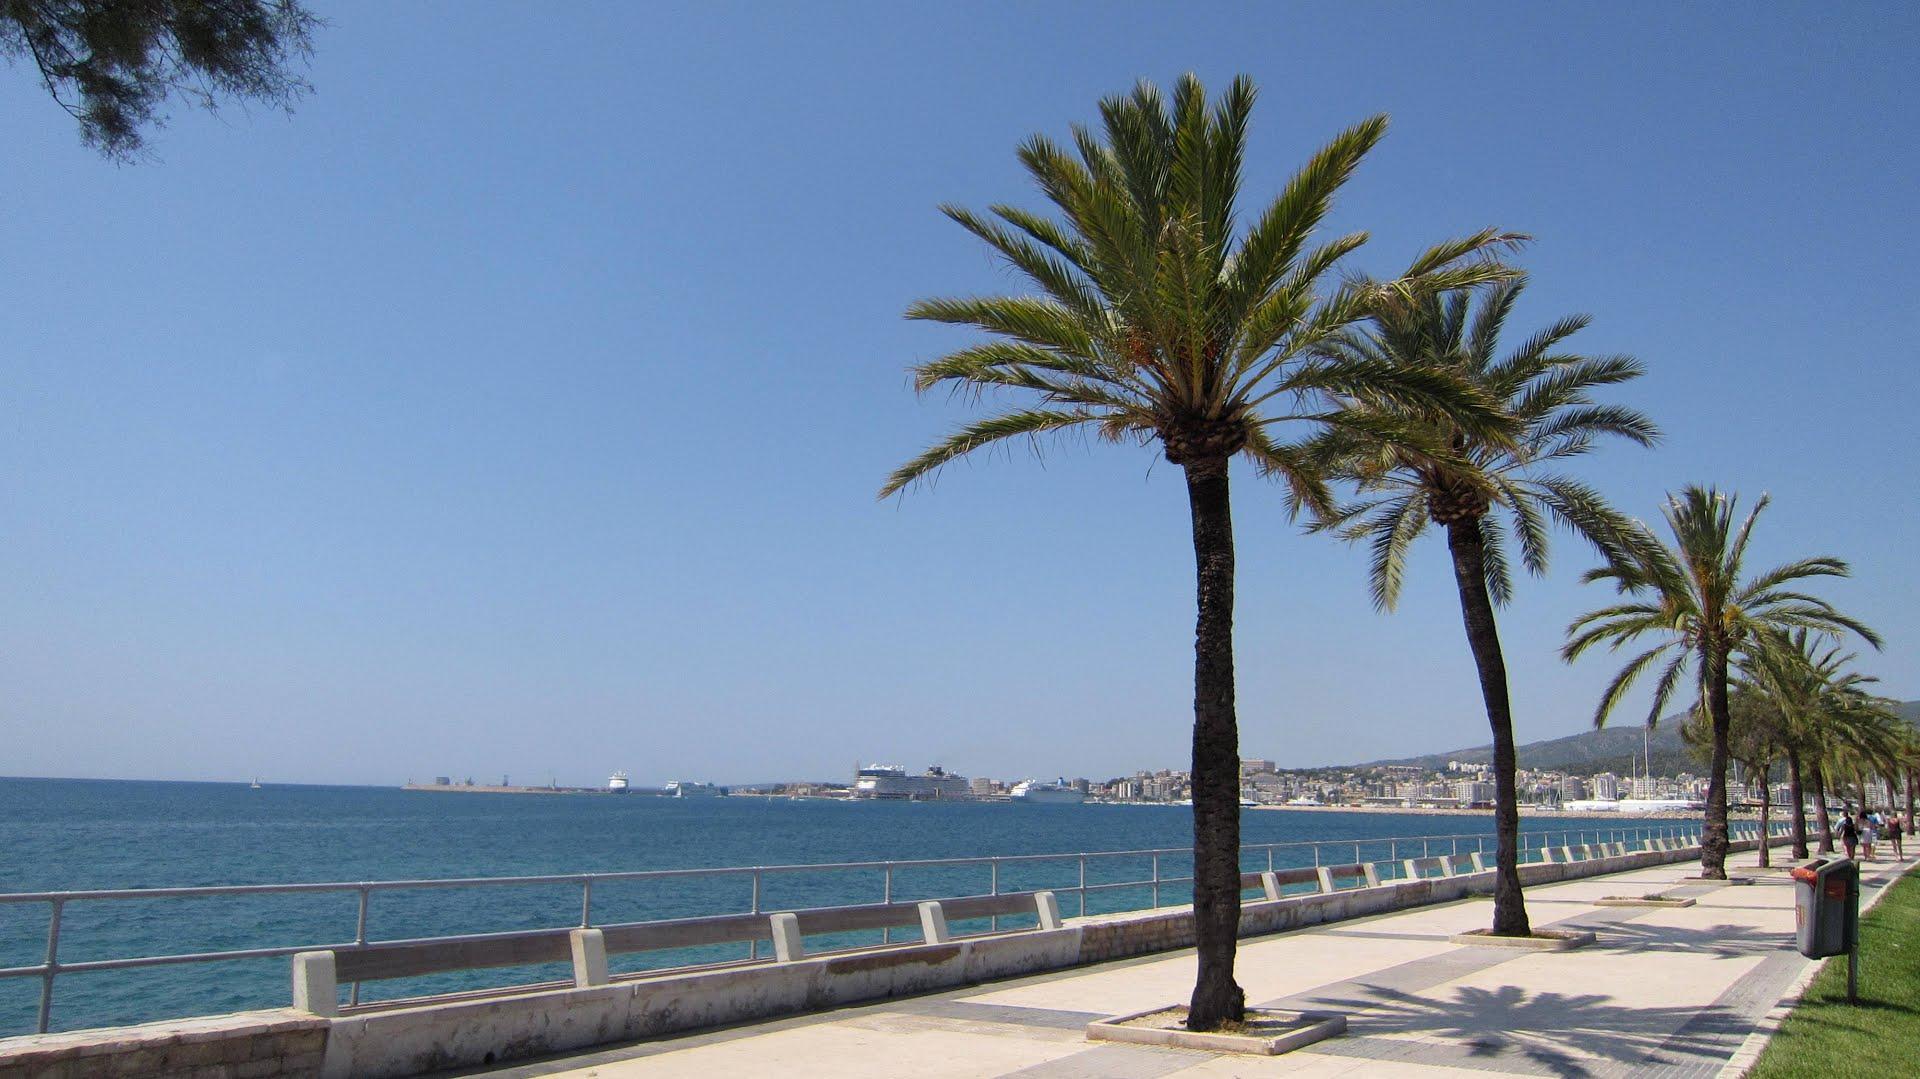 Palma photo